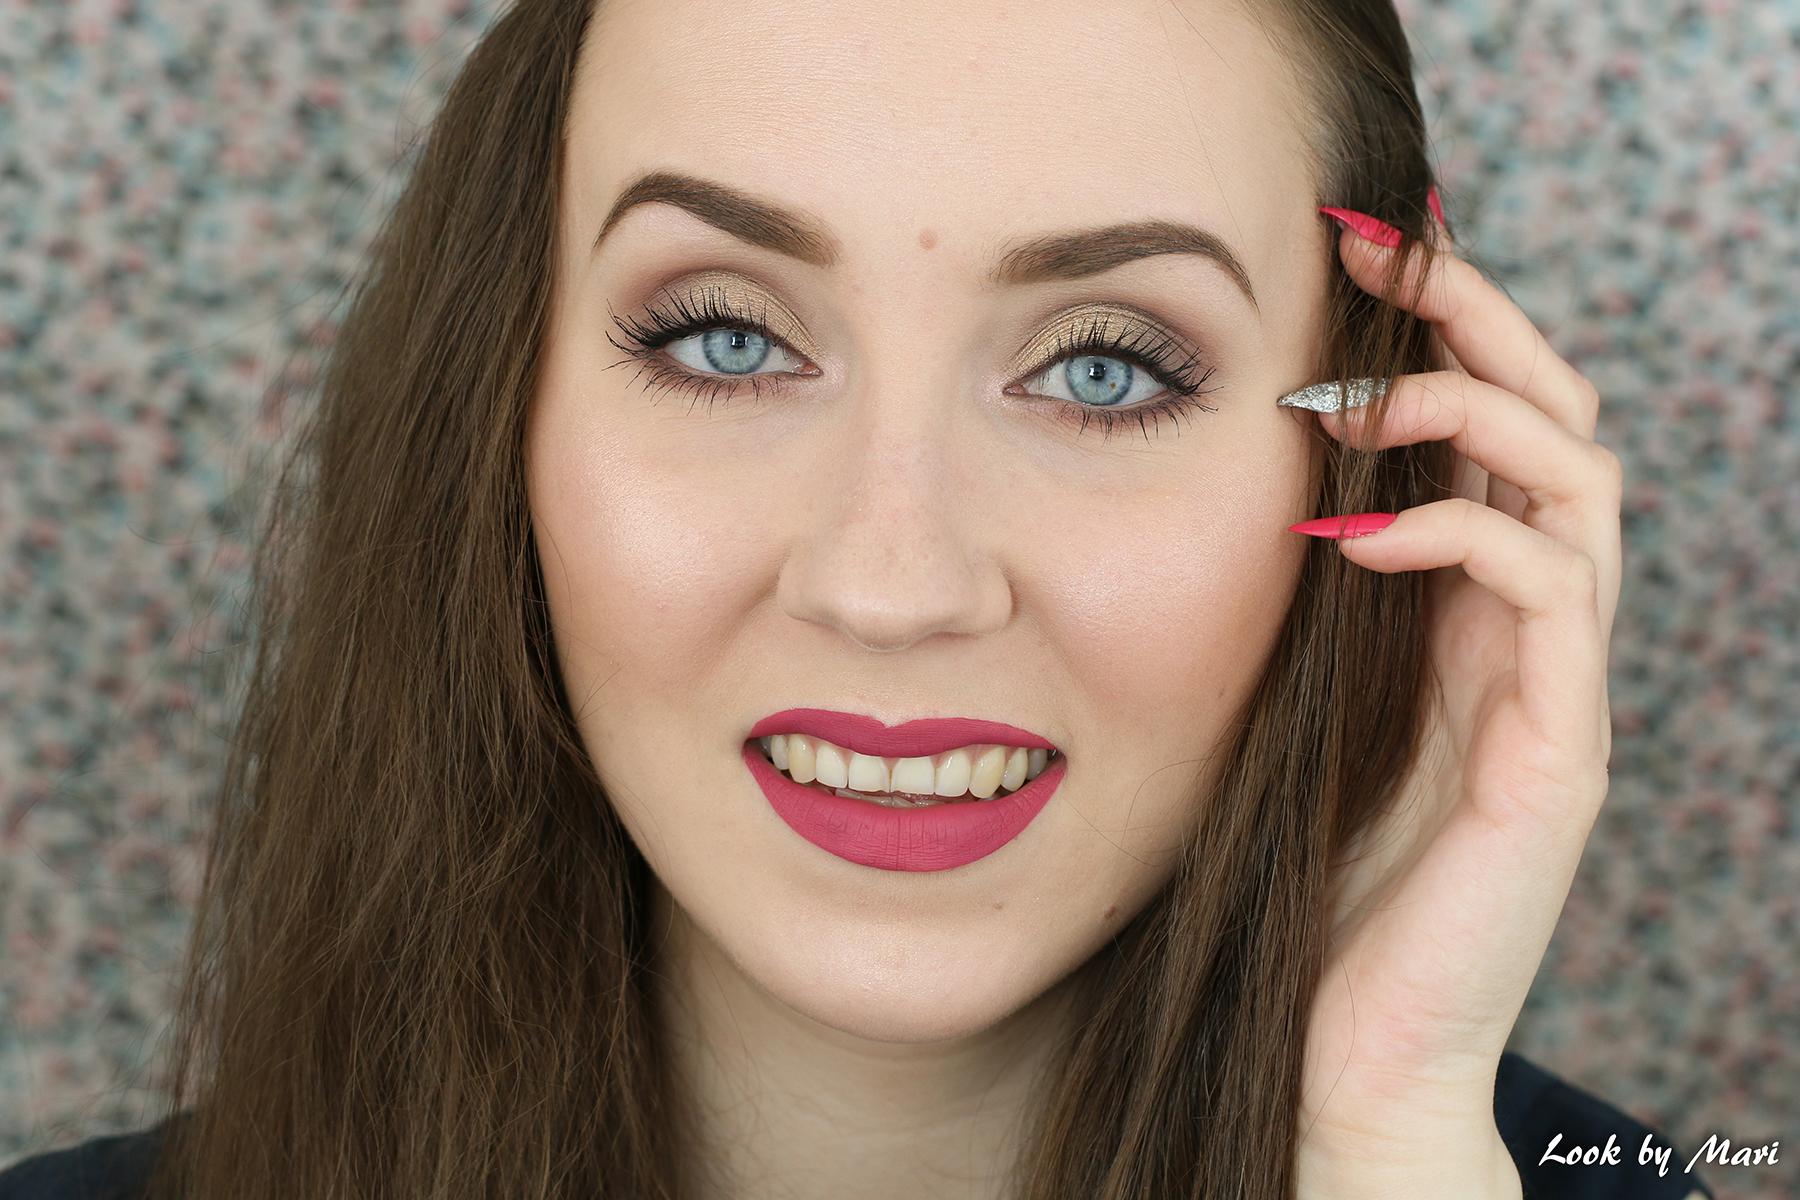 2 valmistujais meikki kulta ruskea ideat tutoriaali inspo inspiraatio silmämeikki blogi